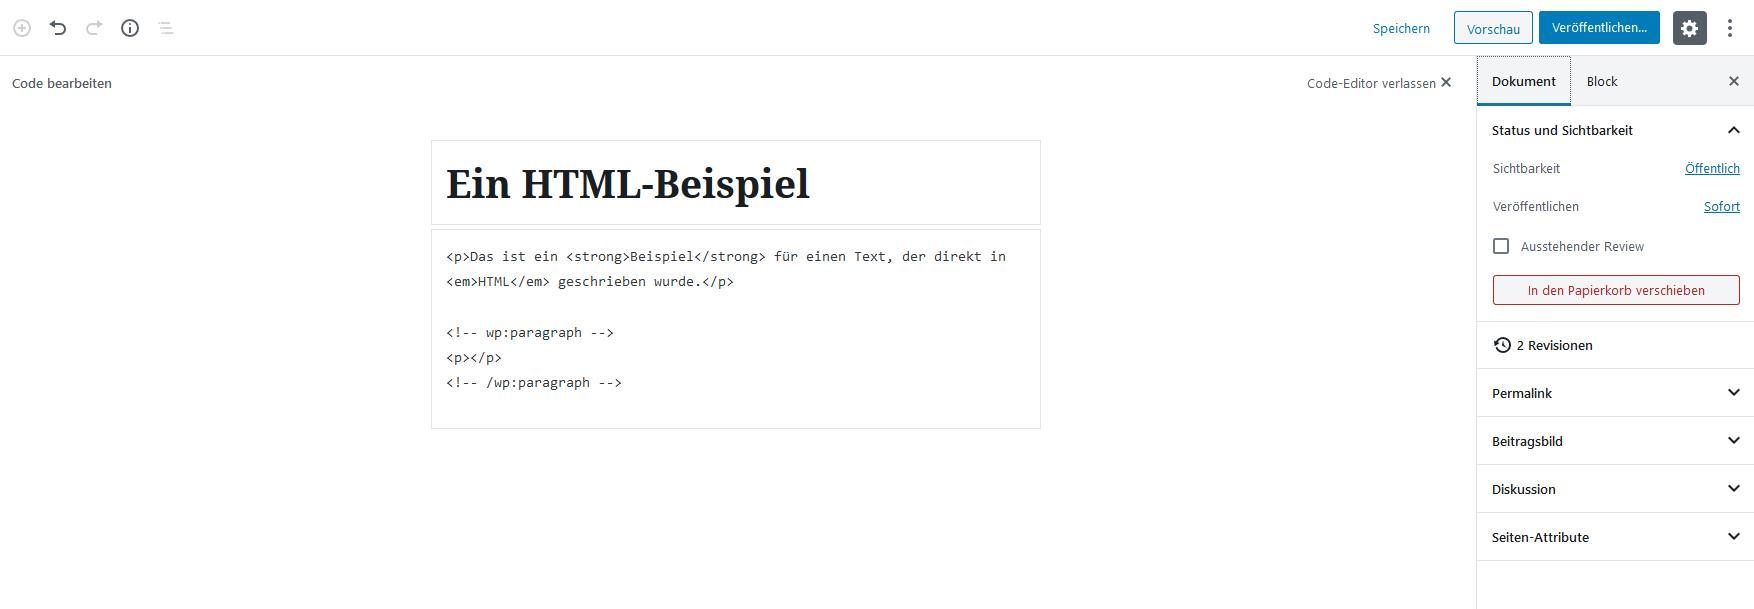 WordPress-Editor: HTML-Ansicht mit Inhalt